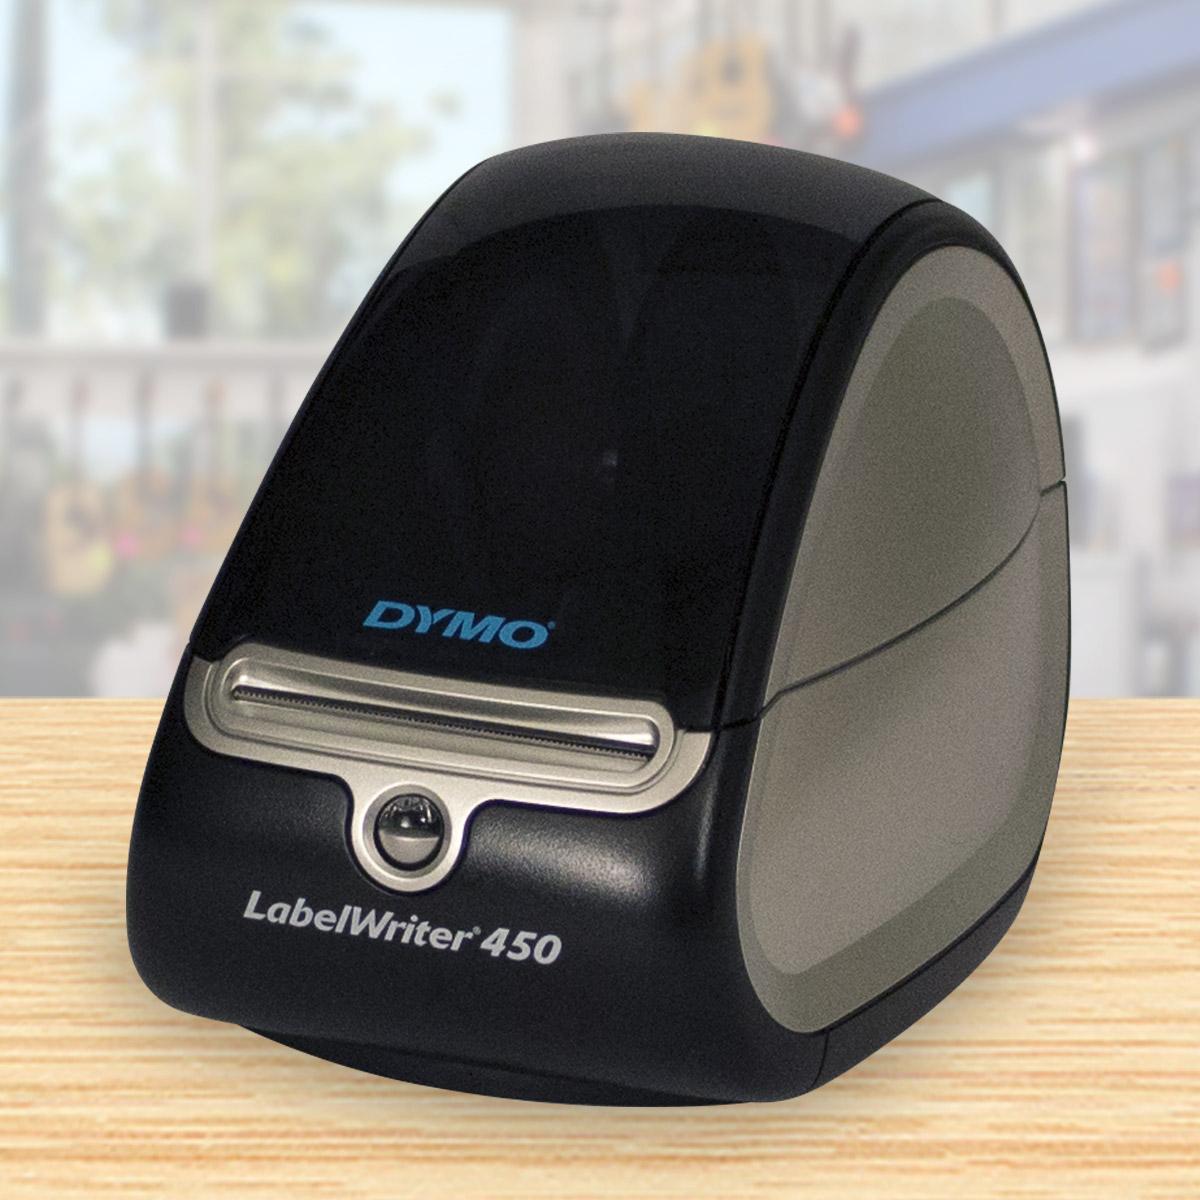 Dymo LableWriter 450 Printer | PawnMaster Integrated Hardware